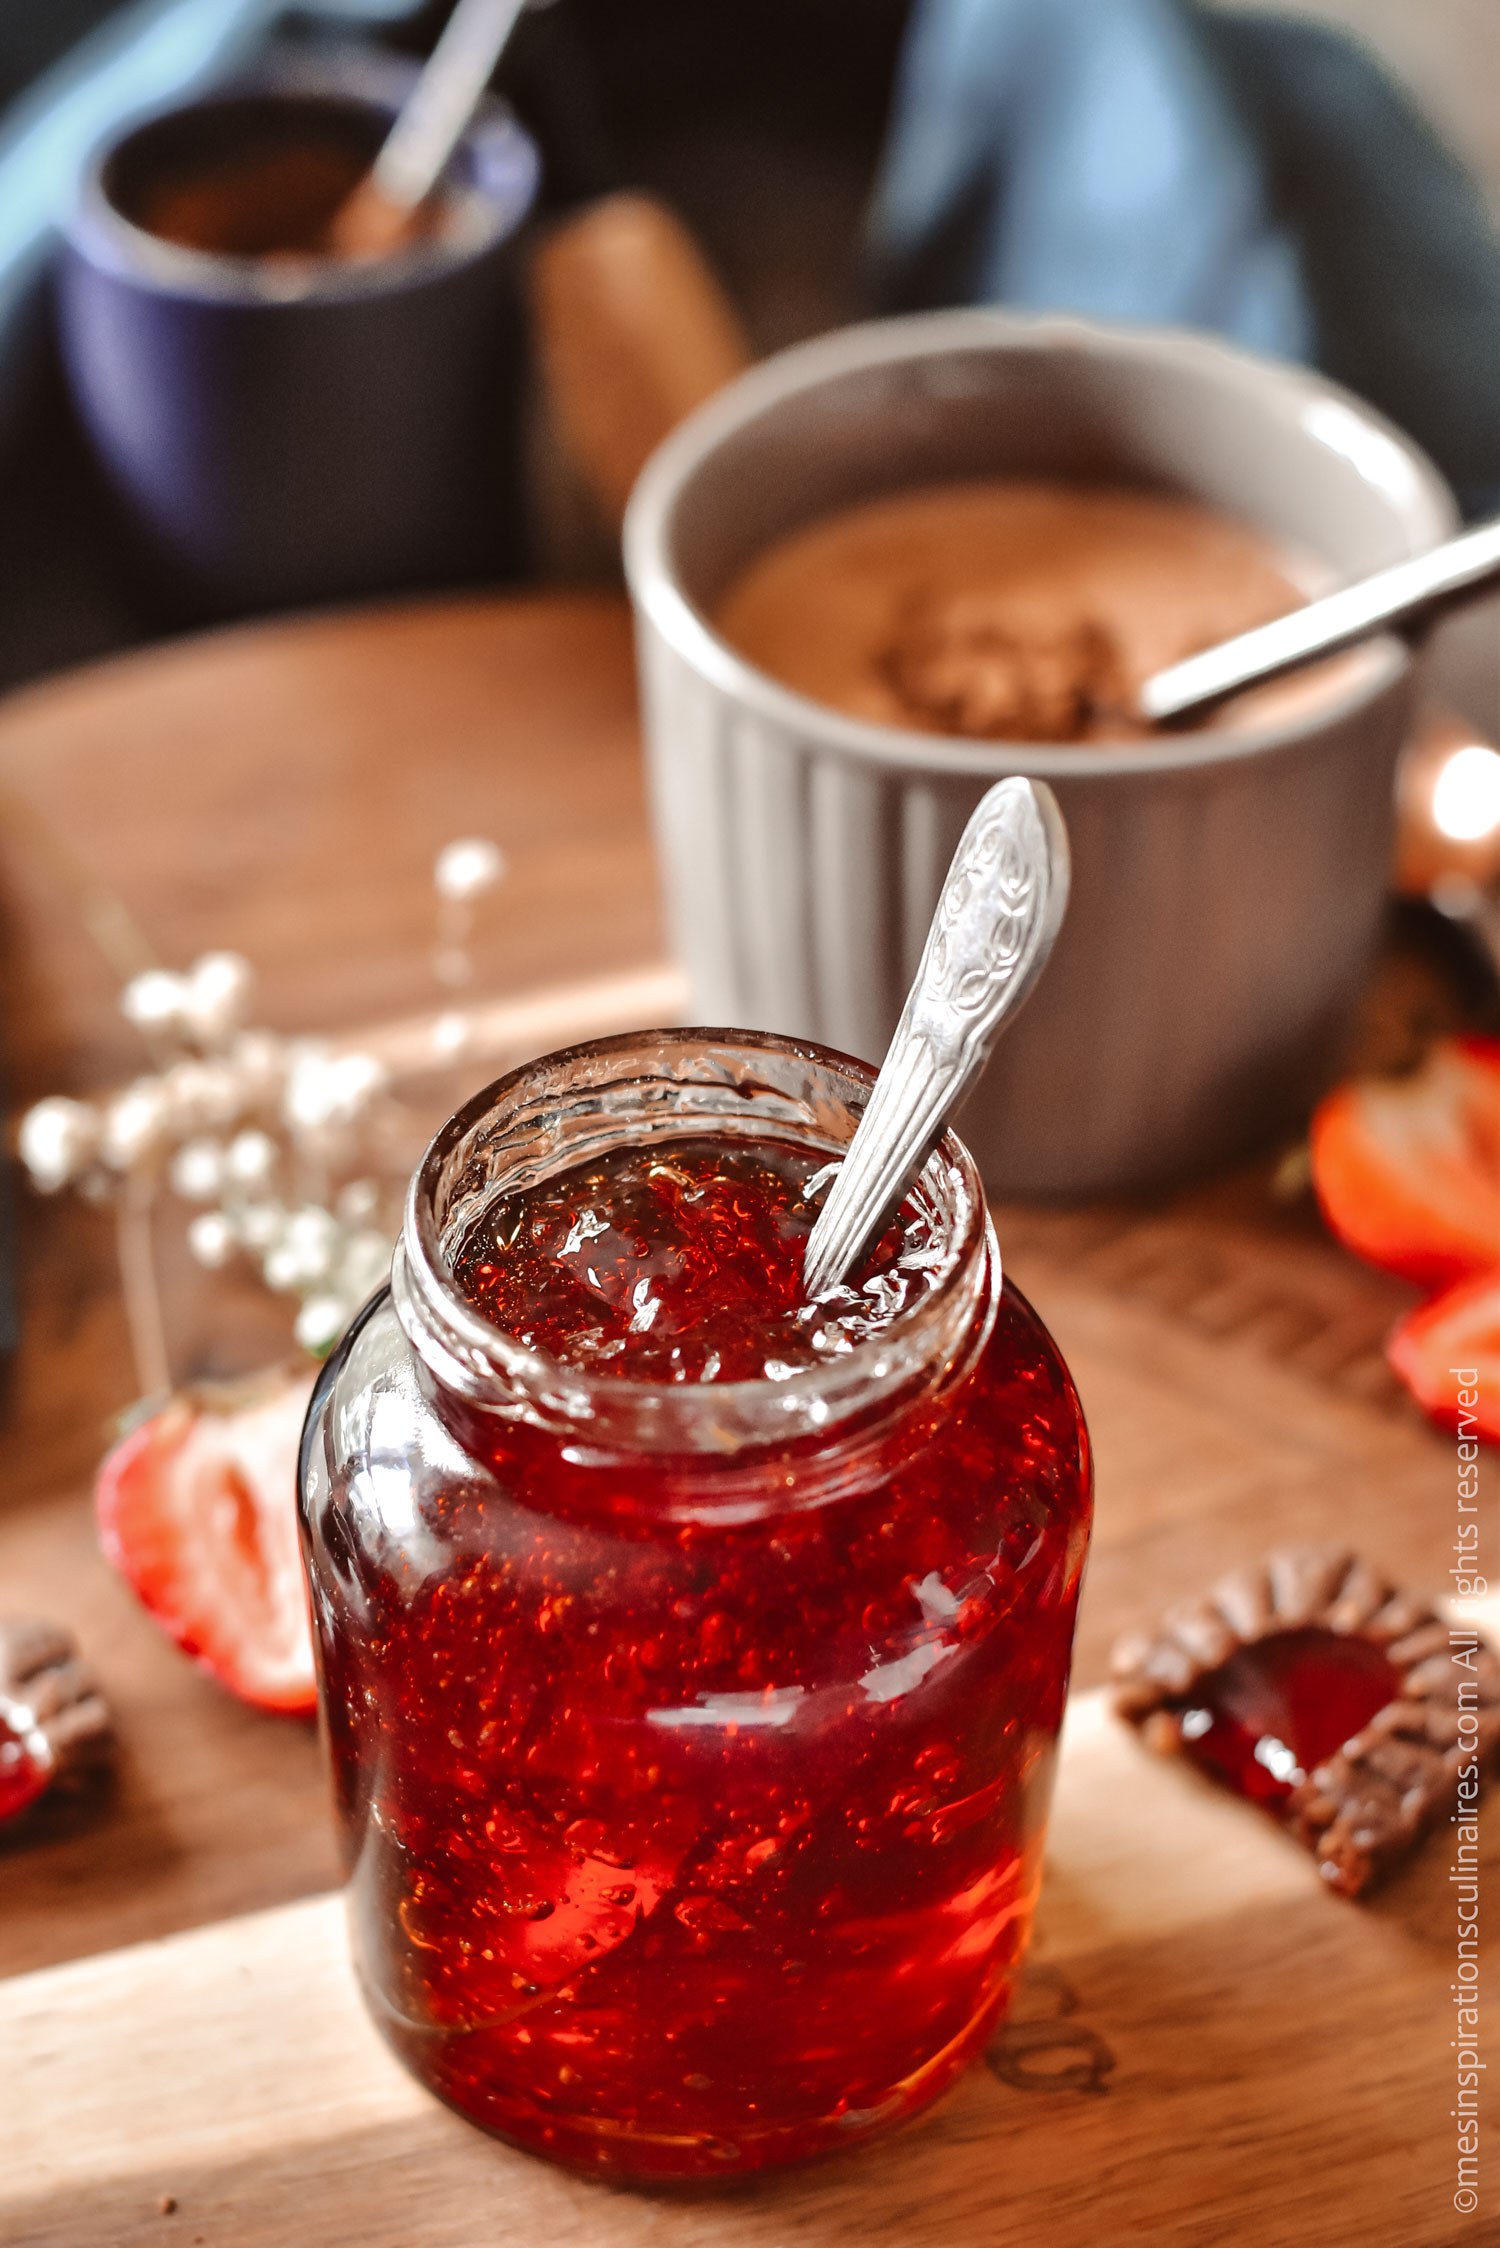 gelée de fraise maison